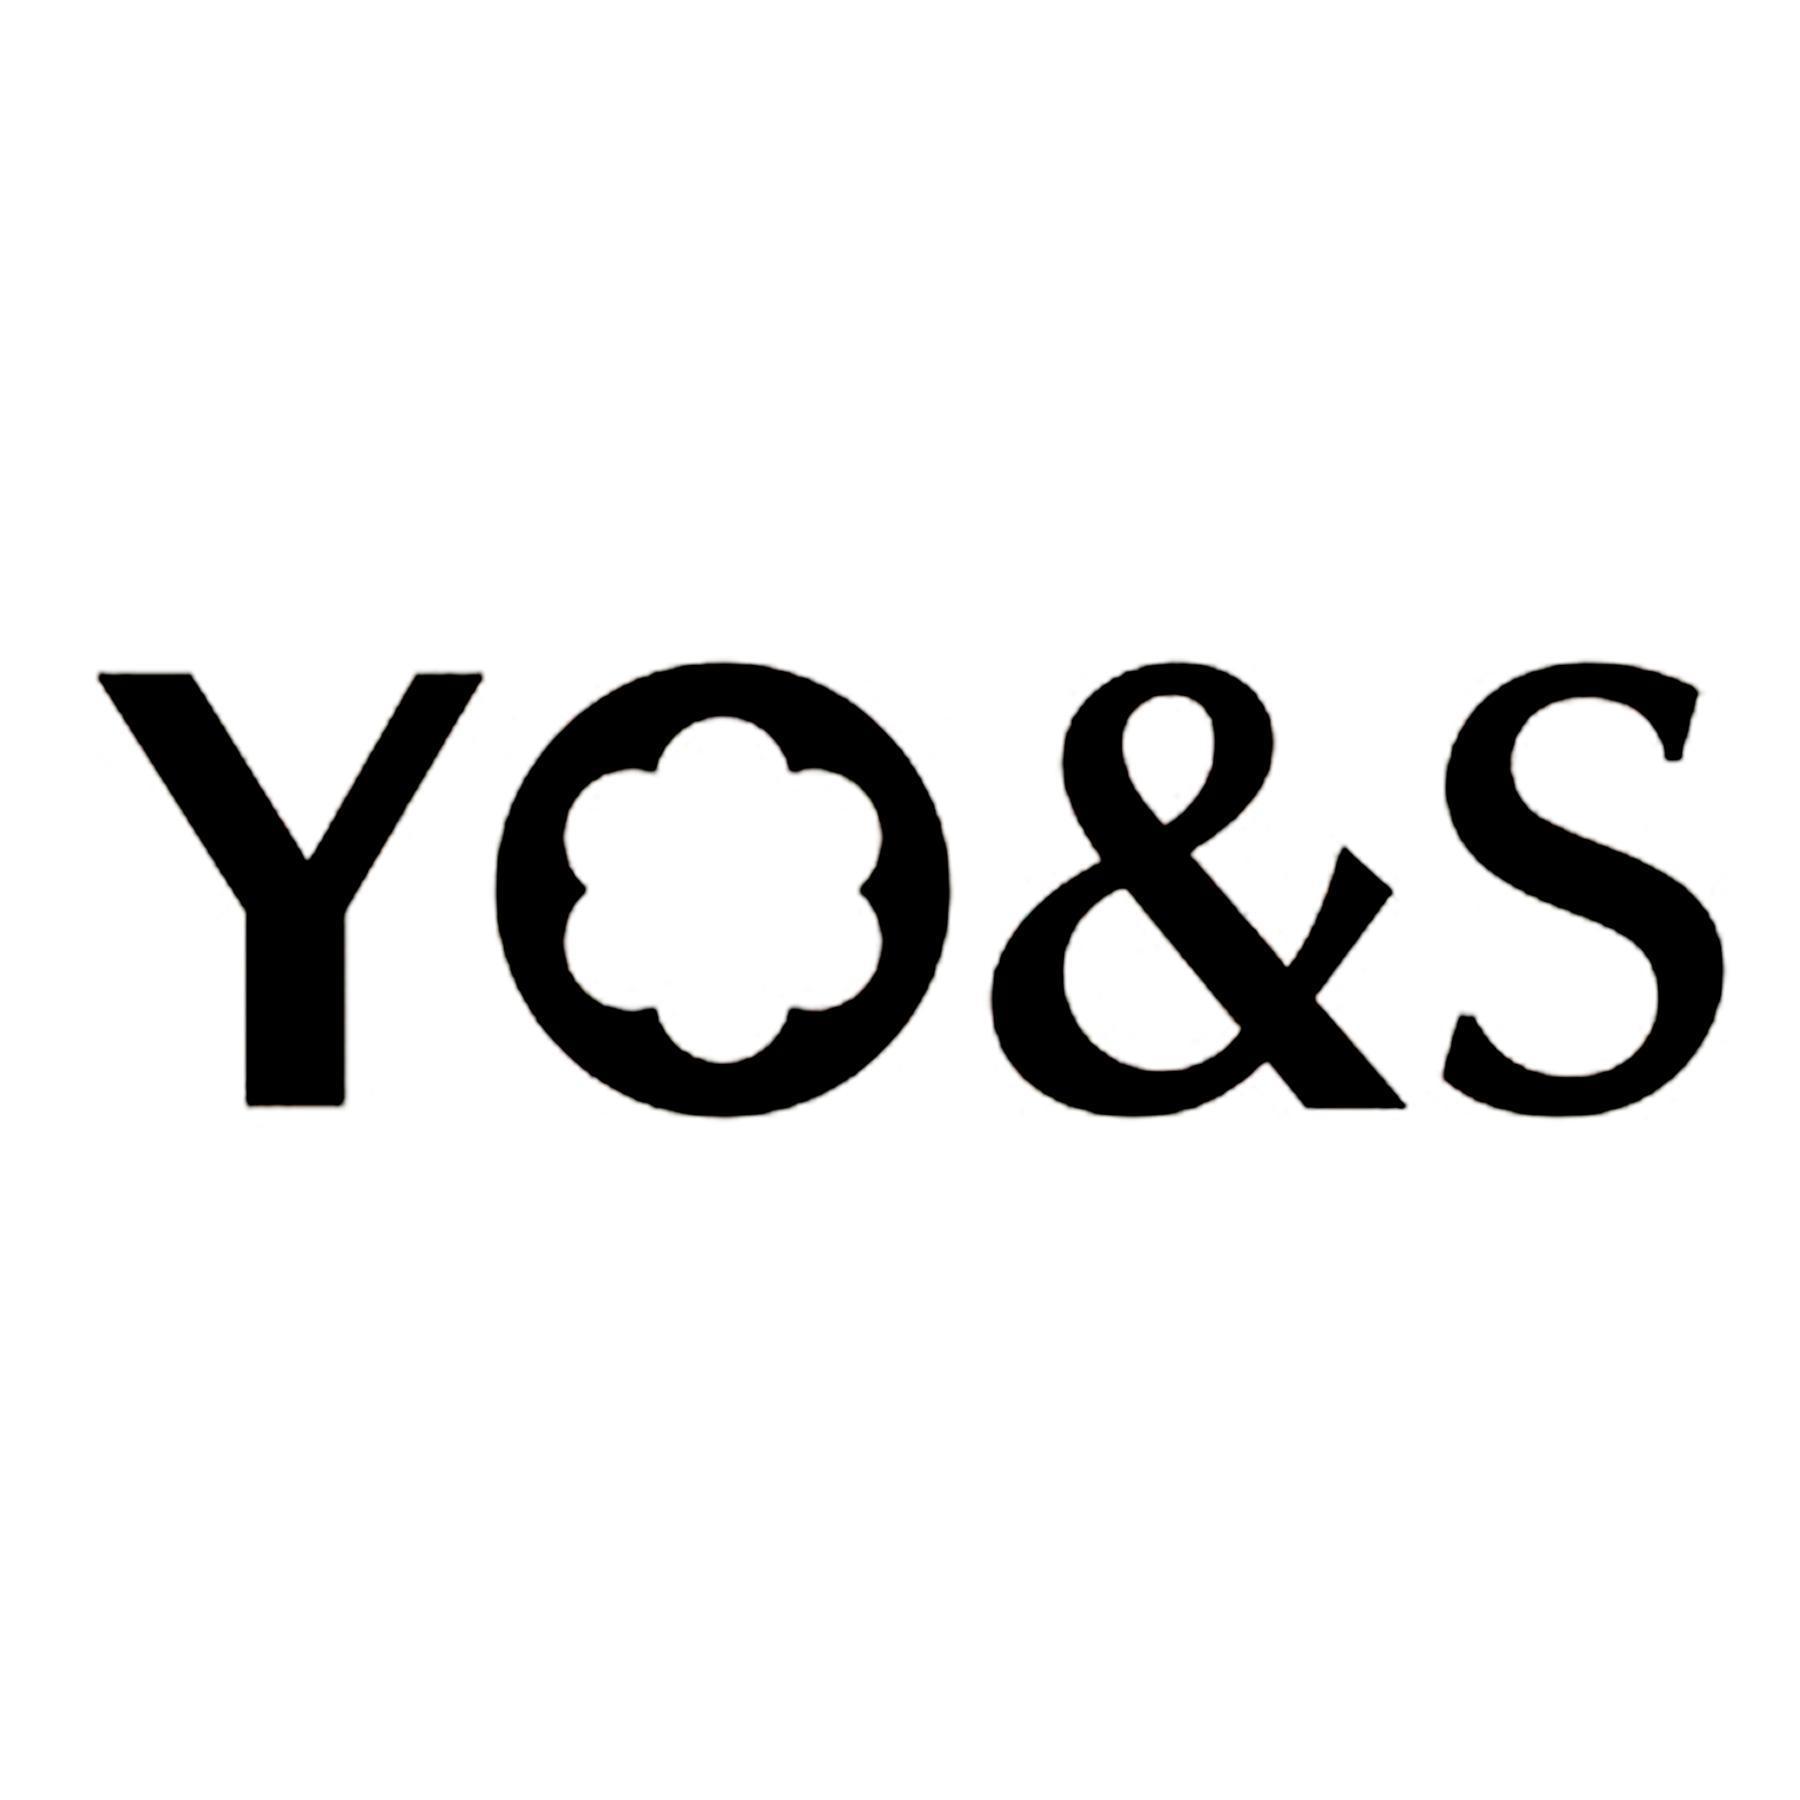 logo logo 标志 设计 矢量 矢量图 素材 图标 1800_1800